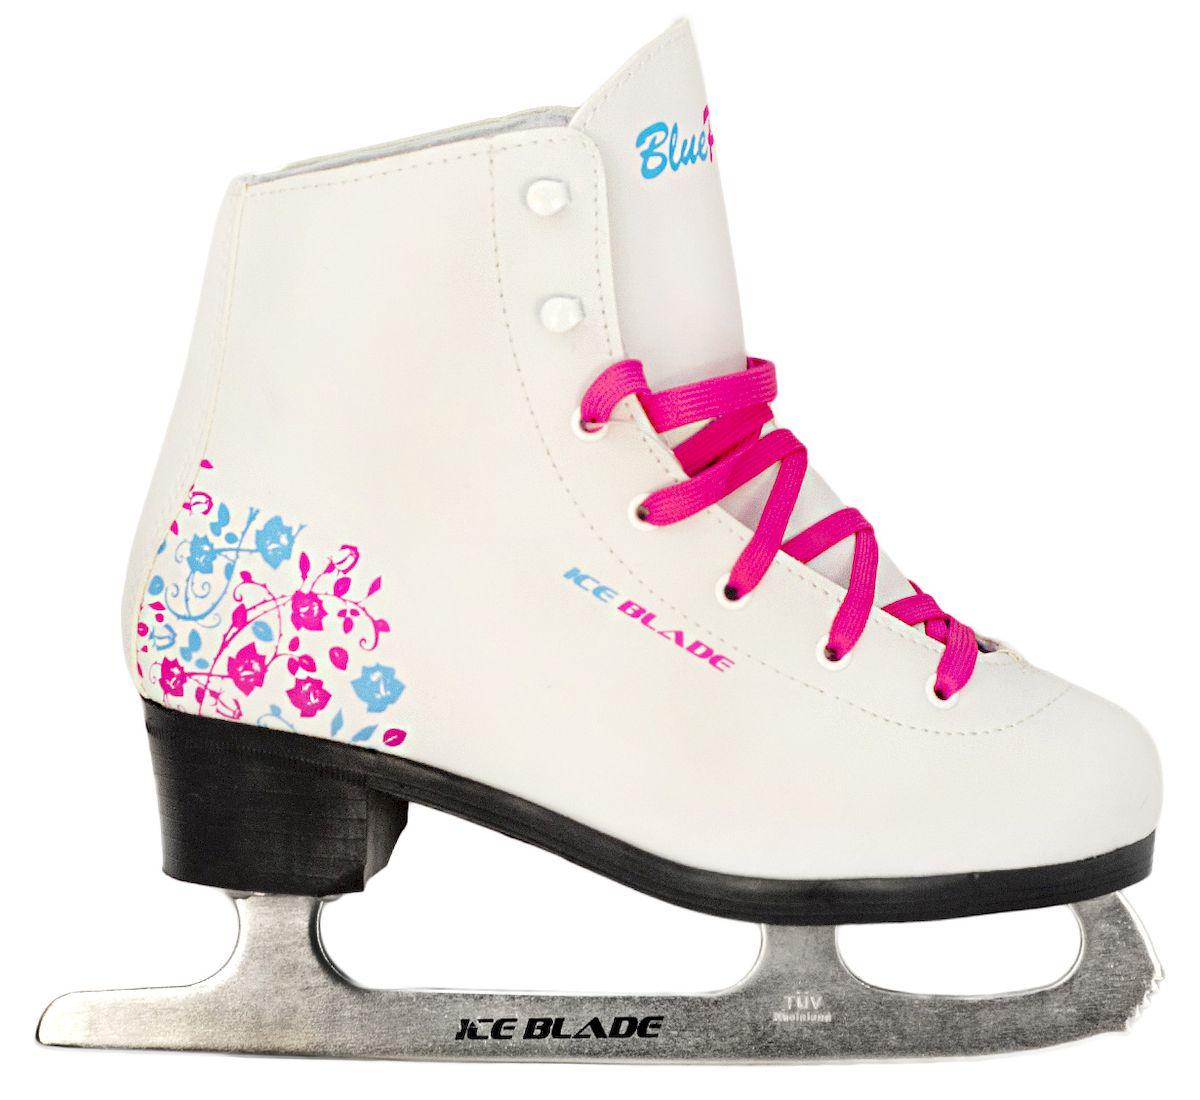 Коньки фигурные Ice Blade BluePink, цвет: белый, розовый, голубой. УТ-00006869. Размер 37CK Ladies Lux 2012-2013 White TricotКоньки фигурные Ice Blade BluePink предназначены для любительского фигурного катания. Яркий и нестандартный дизайн модели BluePink совмещает голубой и розовый цвет. Более того, в комплекте помимо розовых шнурков идет пара голубых, пусть каждая любительница катания на коньках выберет для себя, какой цвет ей больше по душе.Ботинок анатомической конструкции выполнен из высококачественной искусственной кожи, покрытой полиуретаном, защищающим от влаги. Внутренняя набивка из специального материала, комфортно адаптирующегося к форме ноги. Внутренняя отделка из мягкого вельвета.Лезвия изготовлены из высокоуглеродистой стали, сертифицированной TUV Rheiland. Коньки поставляются с заводской заточкой лезвия, что позволяет сразу приступить к катанию, не тратя время и денег на заточку. Коньки подходят для использования на открытом и закрытом льду.